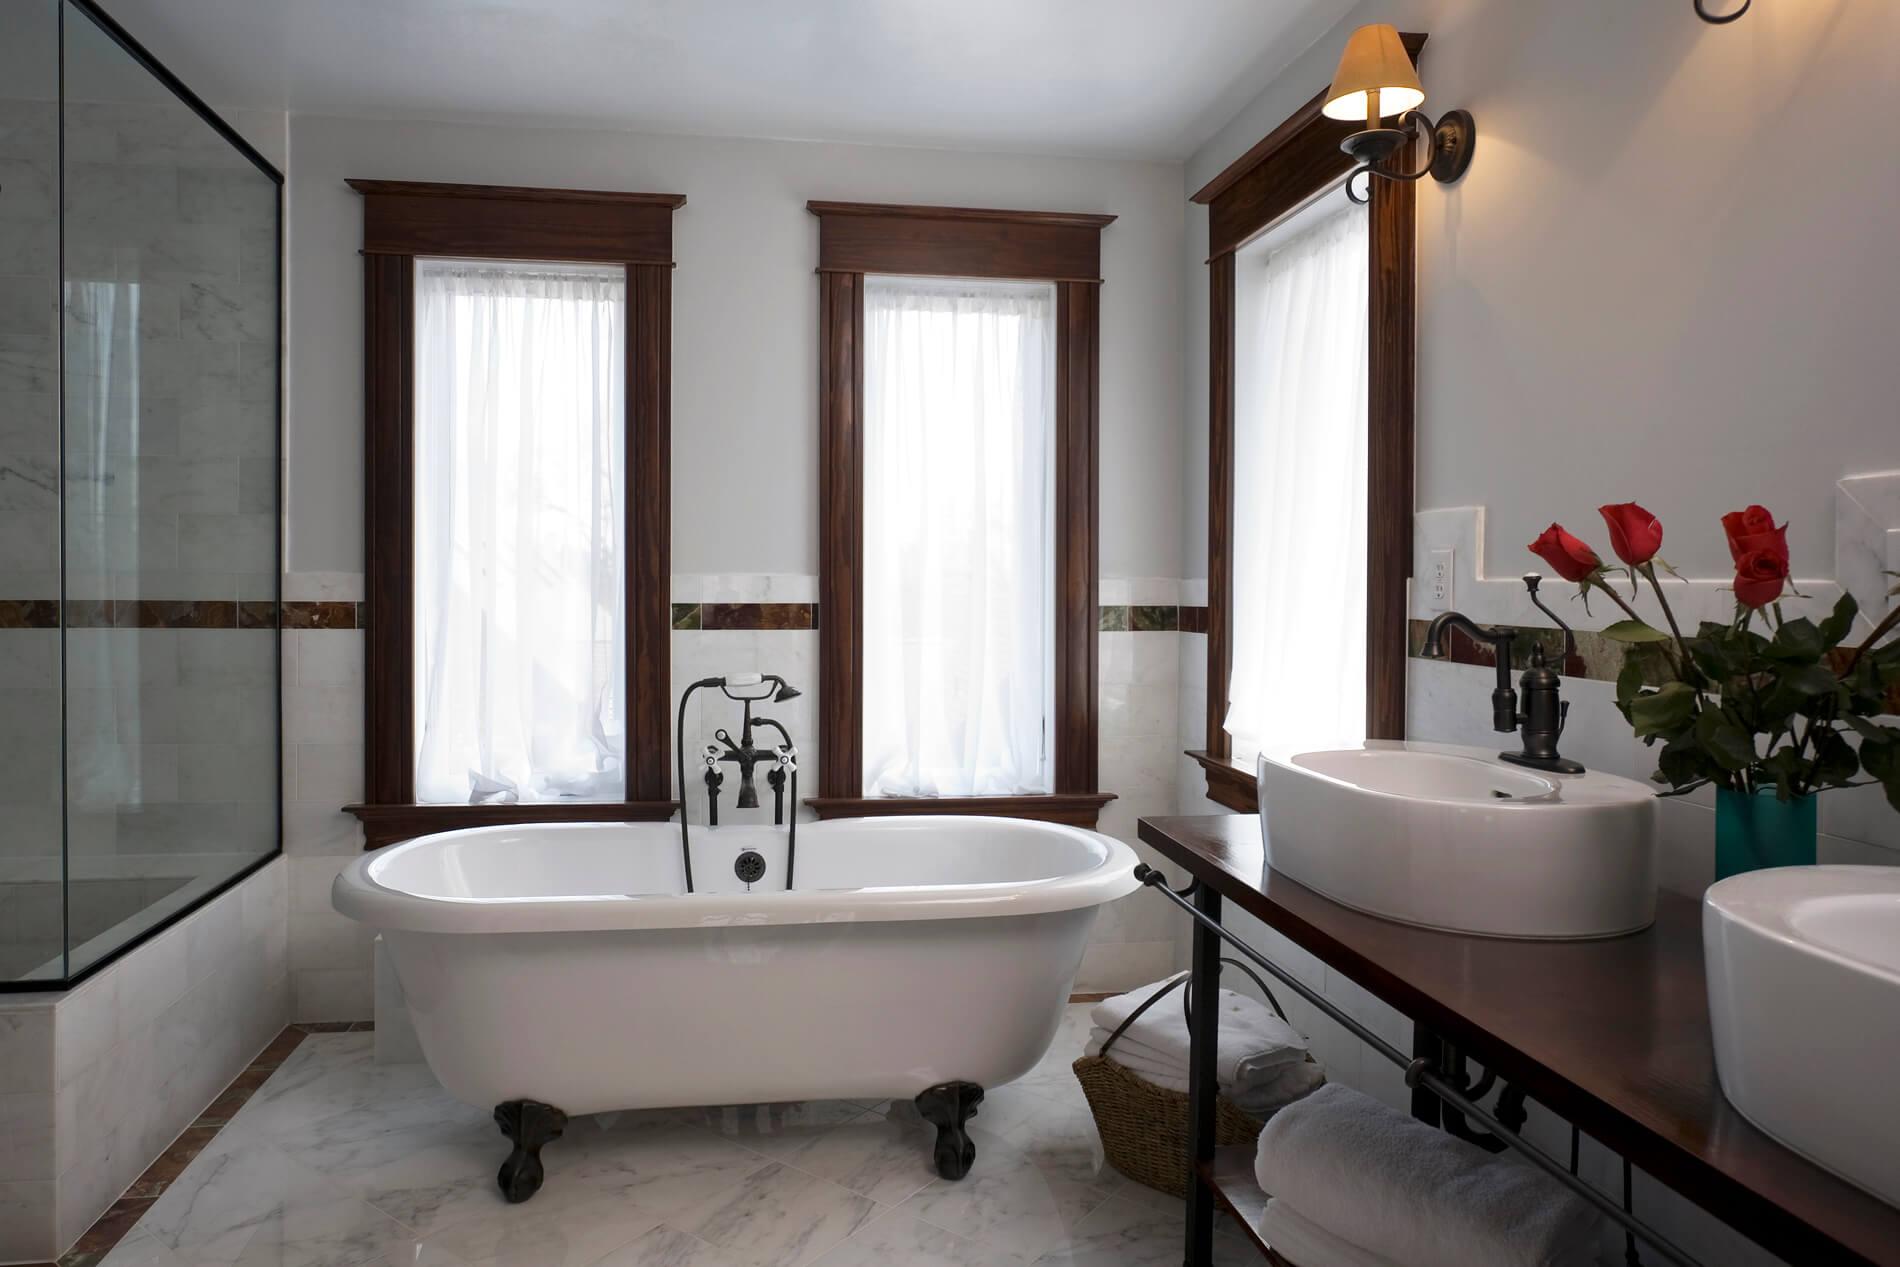 Hoe Inloopdouche Maken : Hoe badkamer maken gietvloer badkamer inloopdouche wand vloer